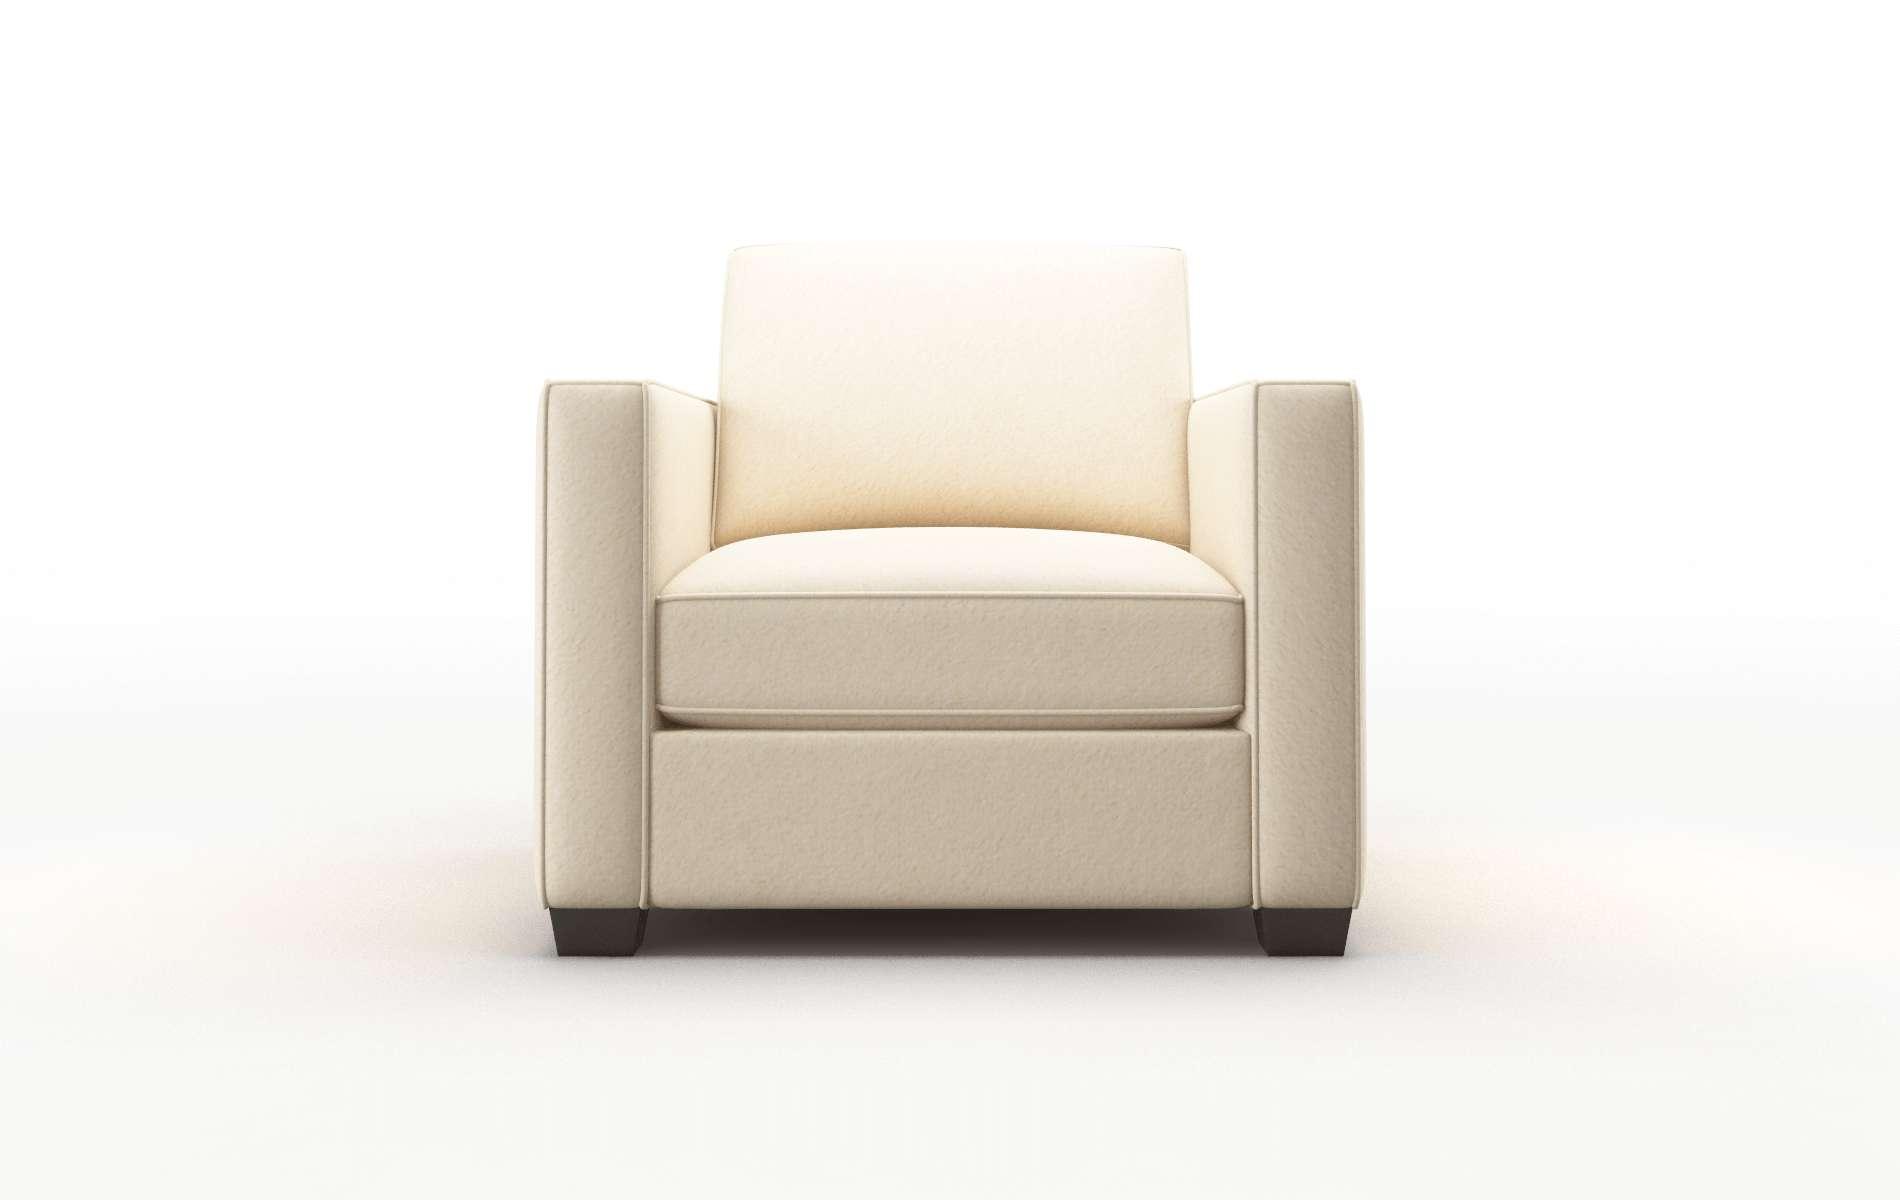 Calgary Bella Buckwheat Chair espresso legs 1